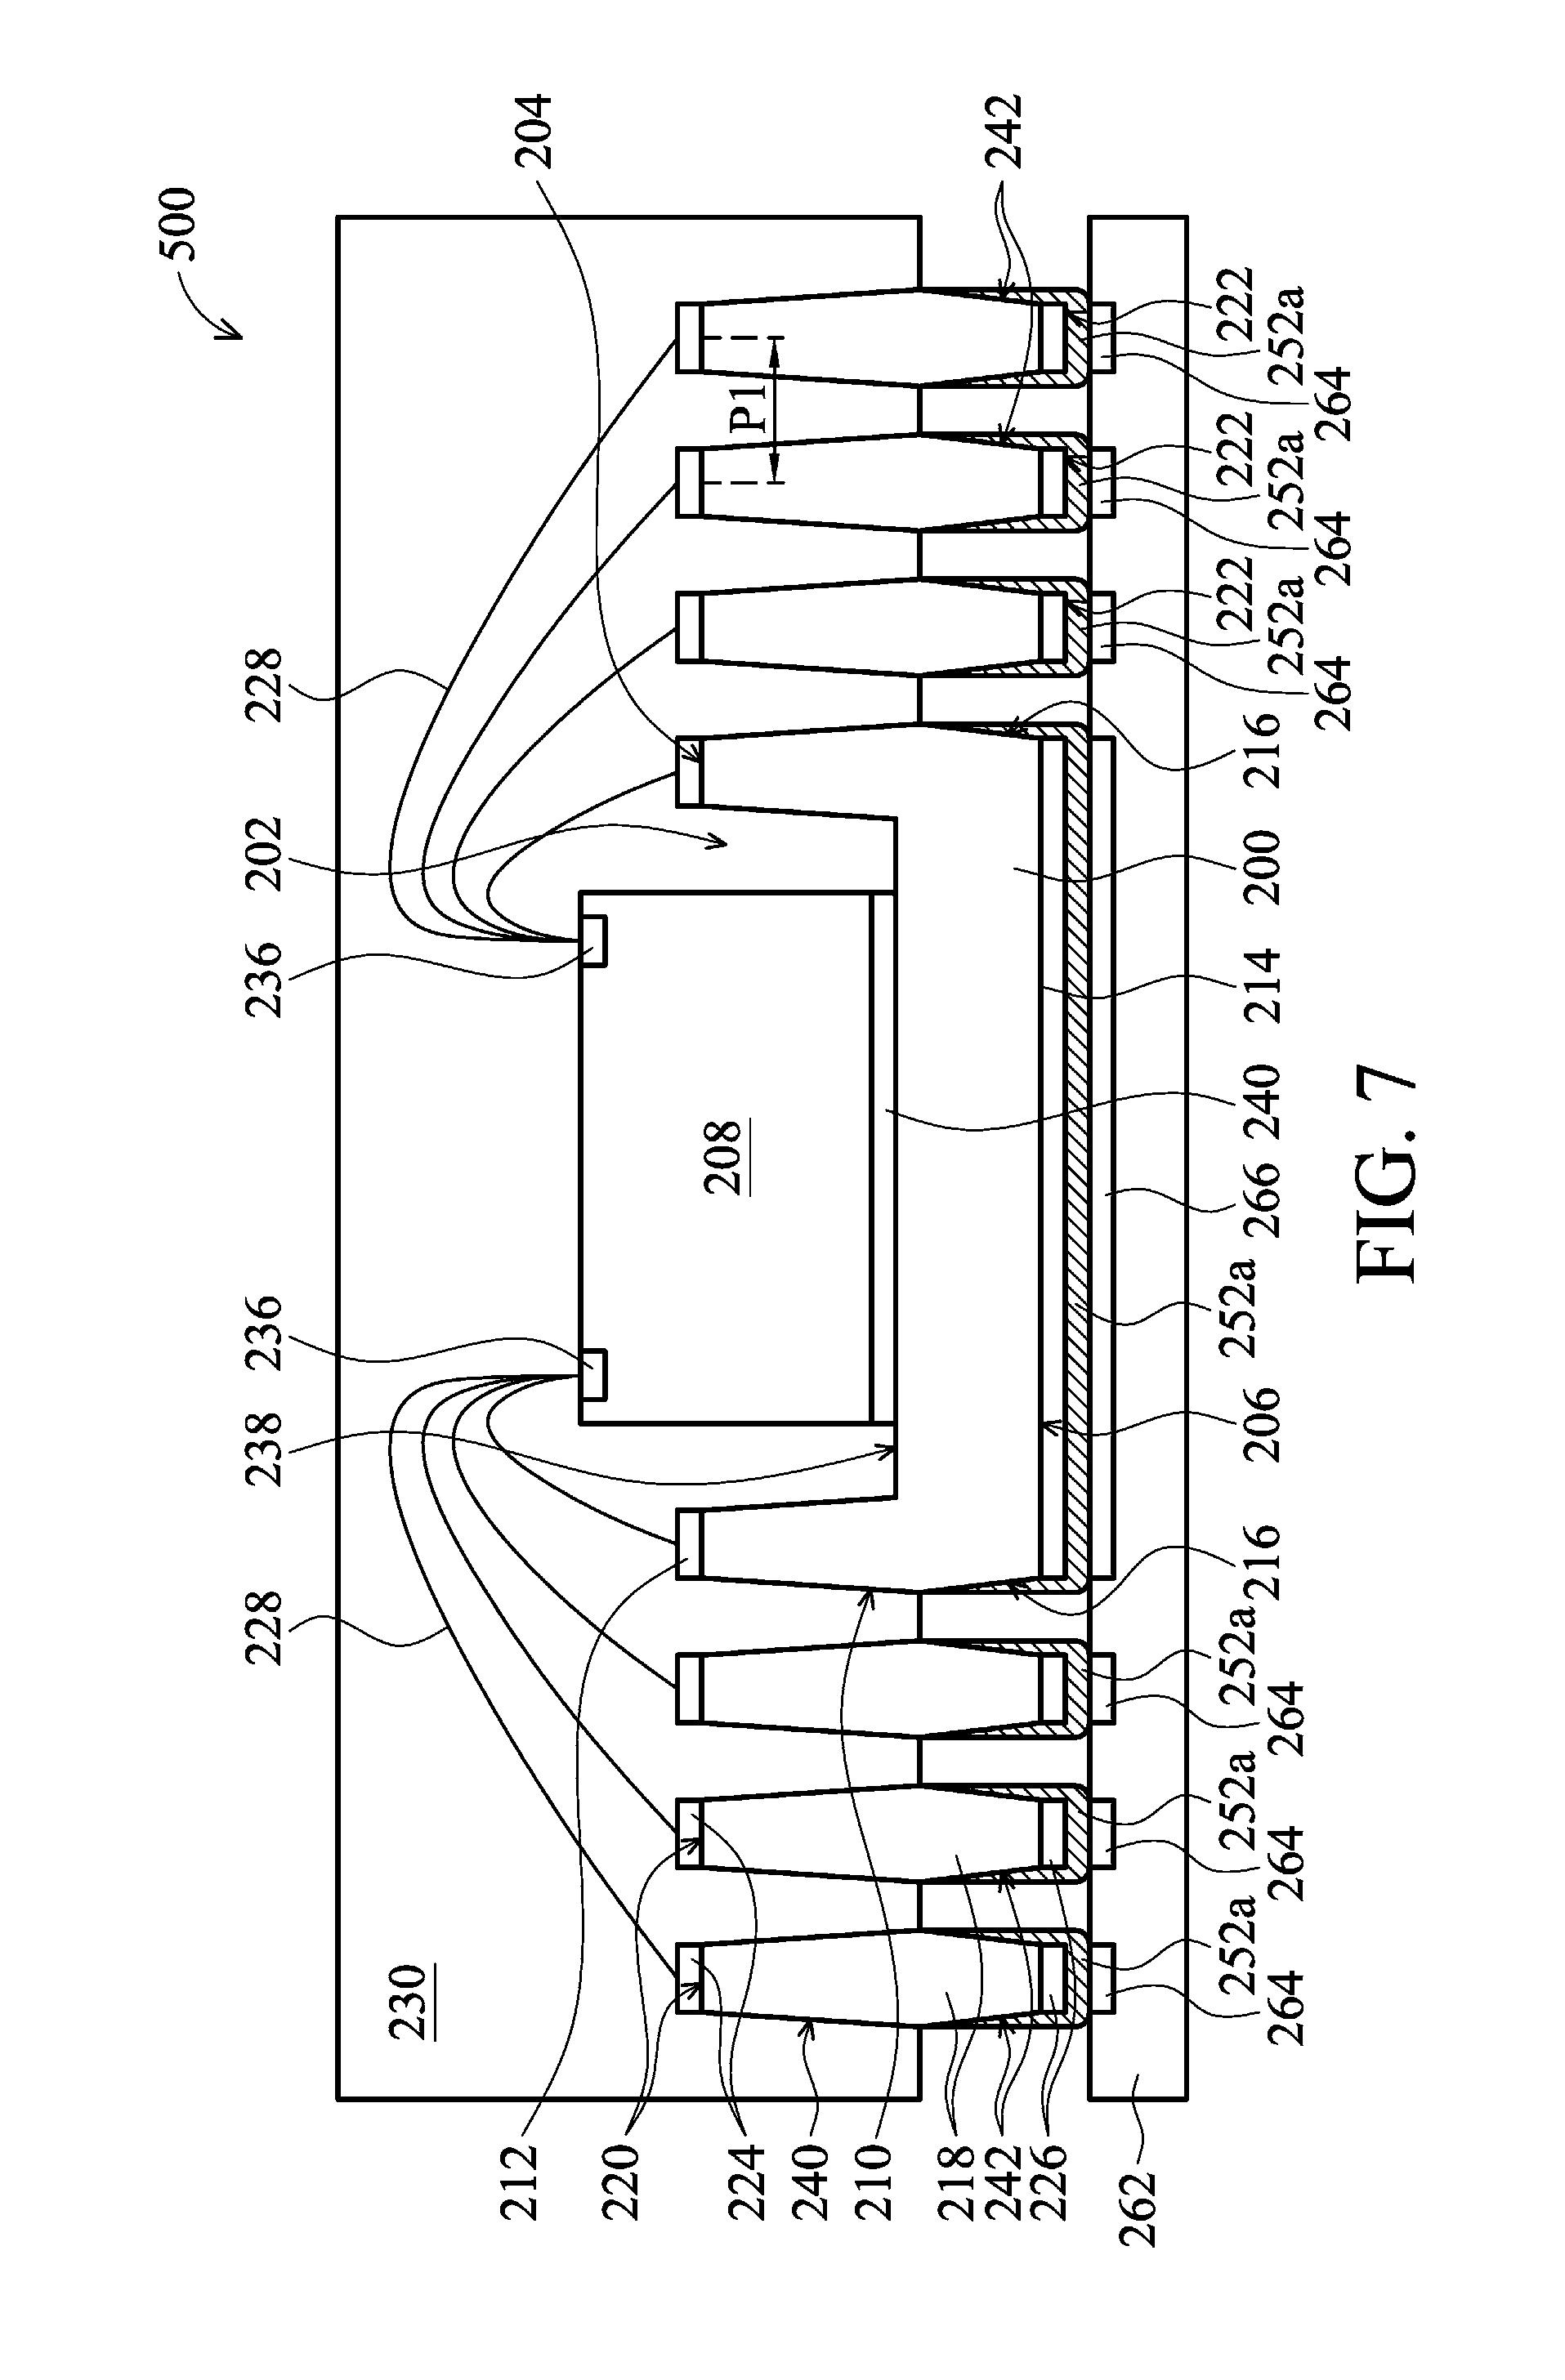 patent us20130133193